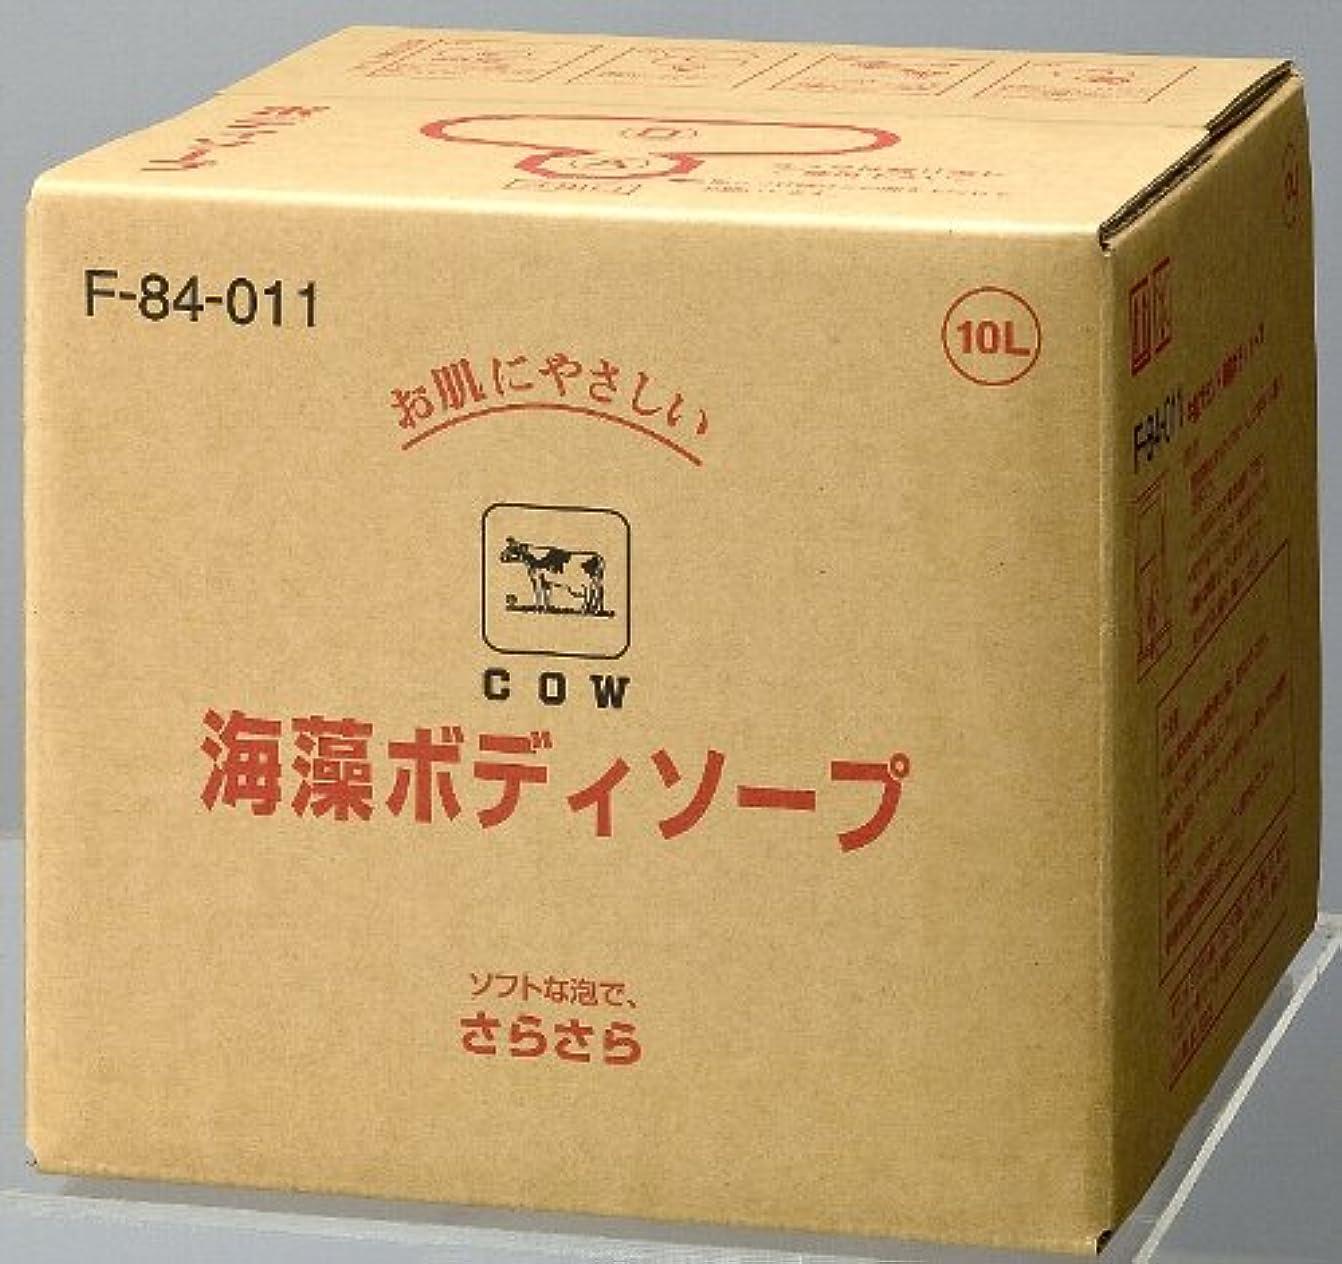 宣伝博物館飛ぶ【業務用】カウブランド海藻ボディソープ 10L